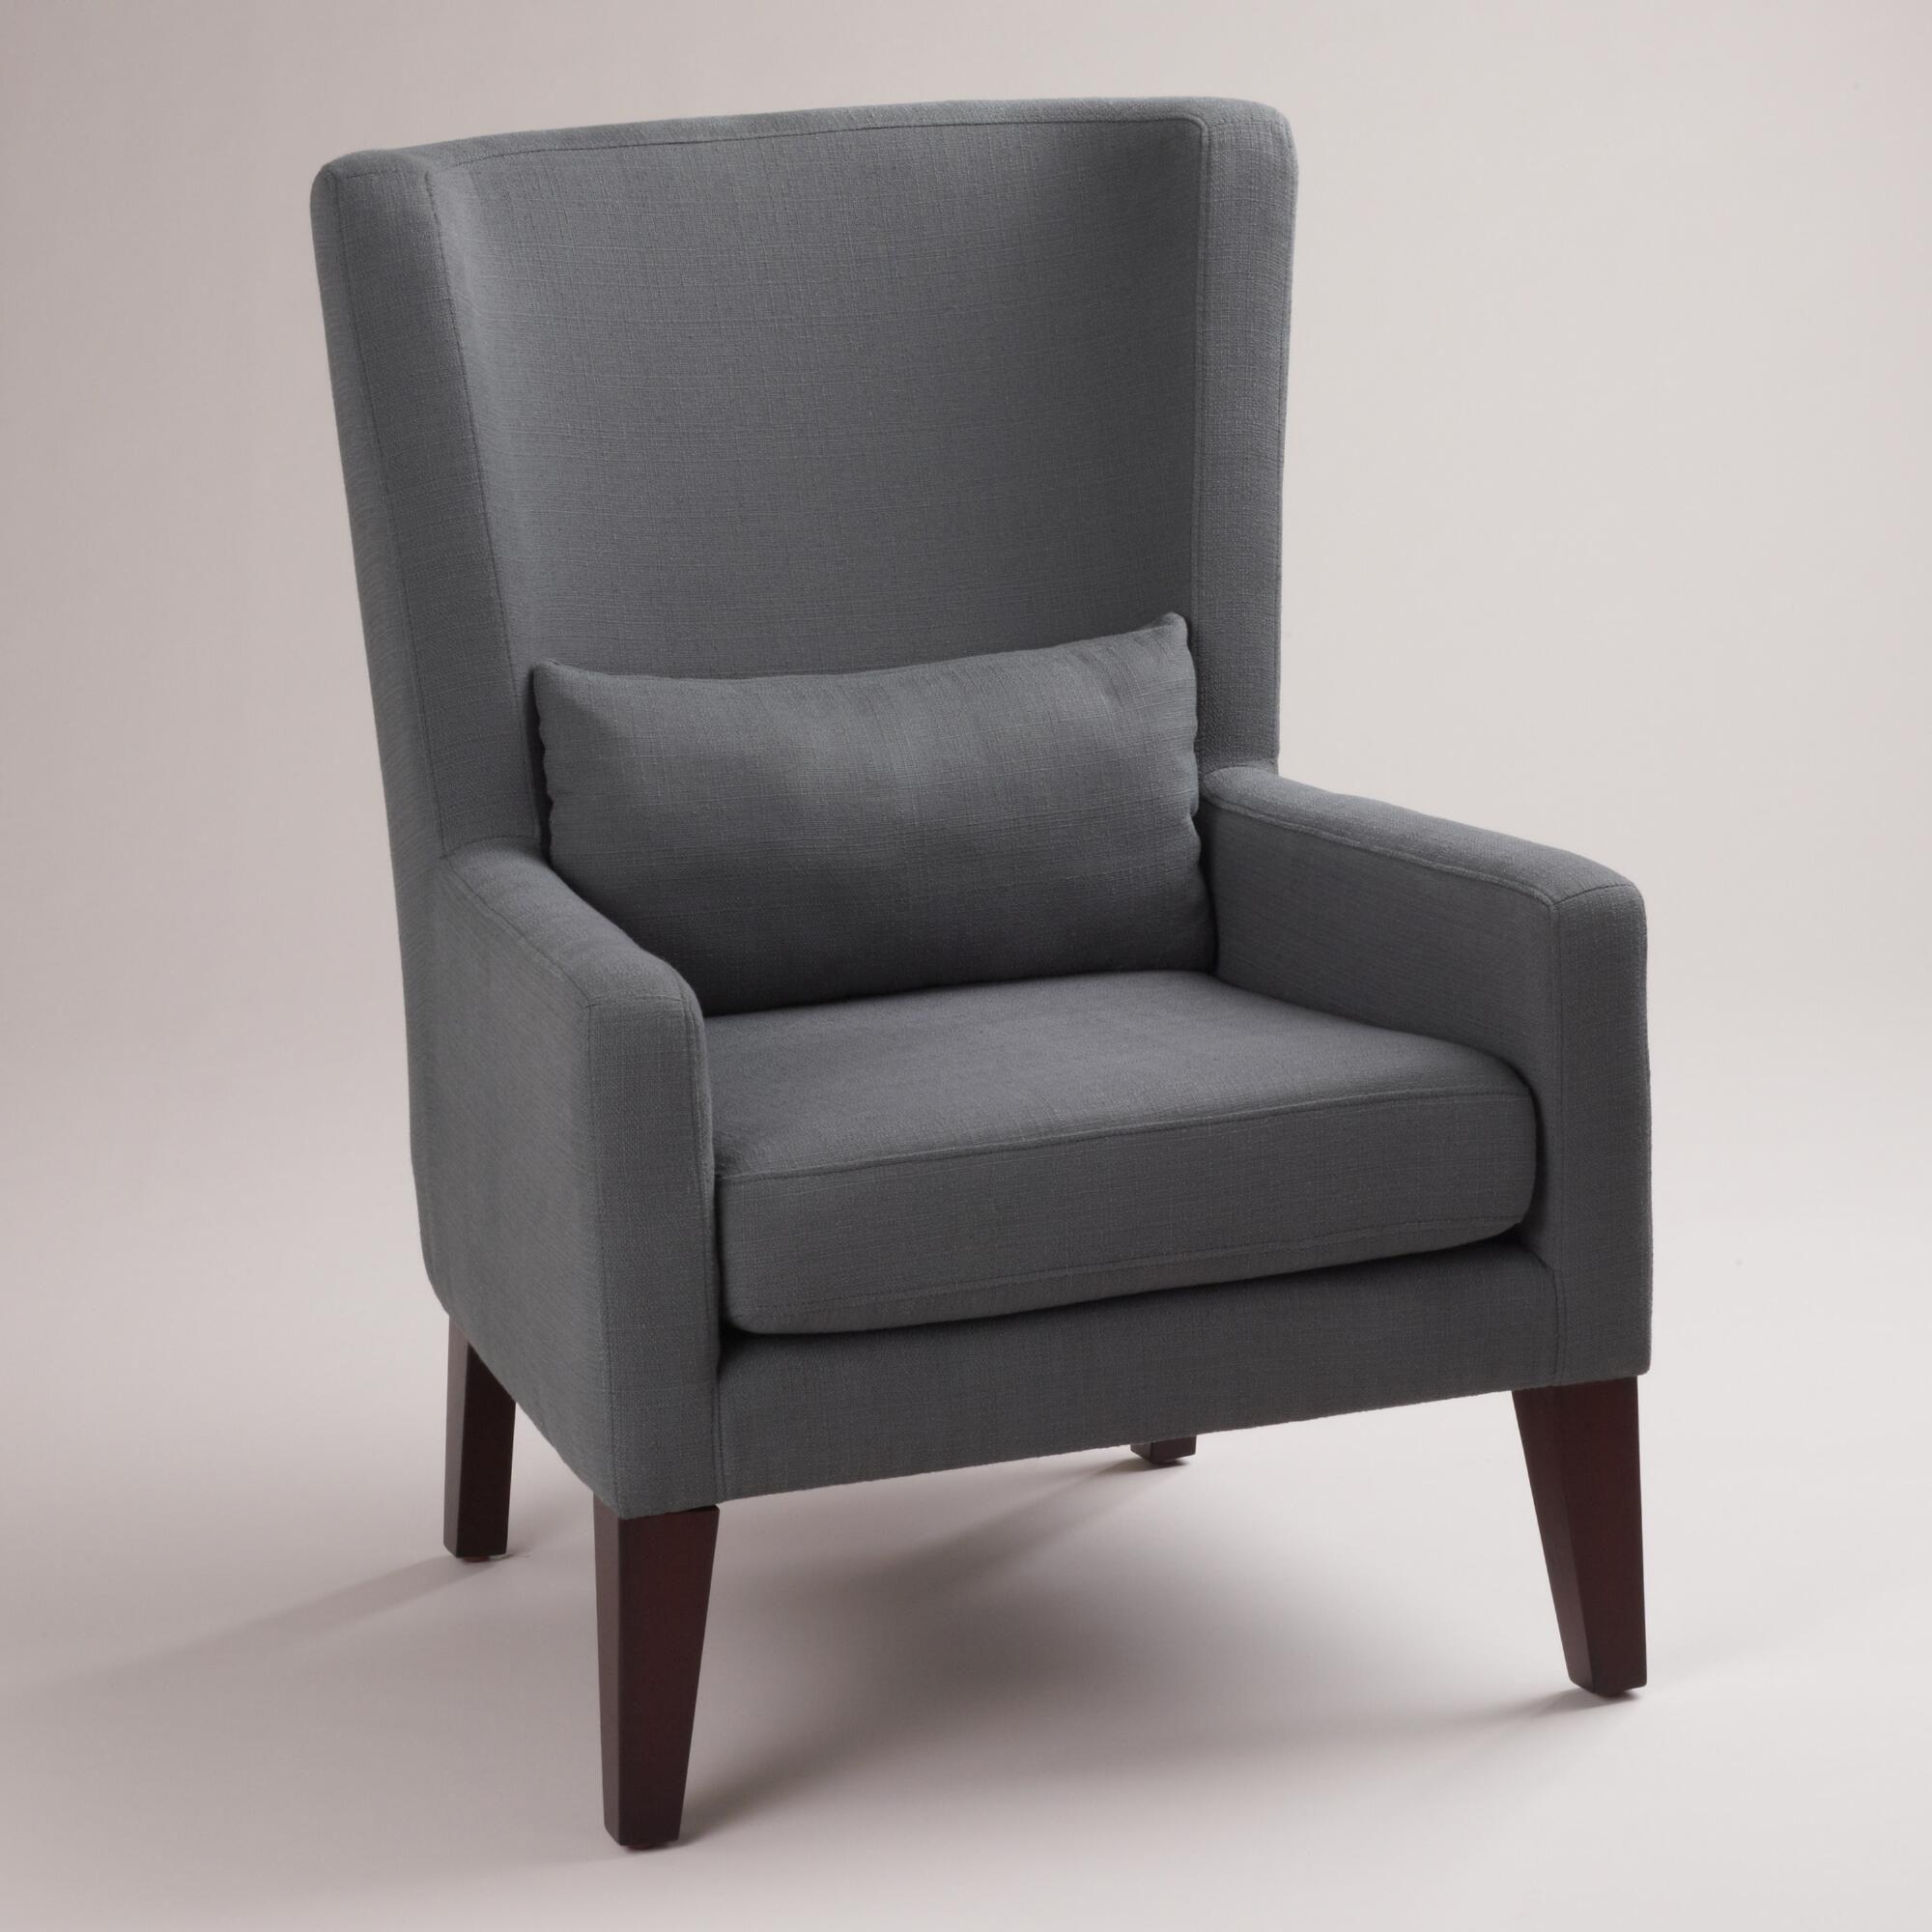 Moderne sthle fr wohnzimmer fabulous moderne wohnzimmer stuhle gunstig gebraucht eiche rustikal - Moderne stuhle gunstig ...